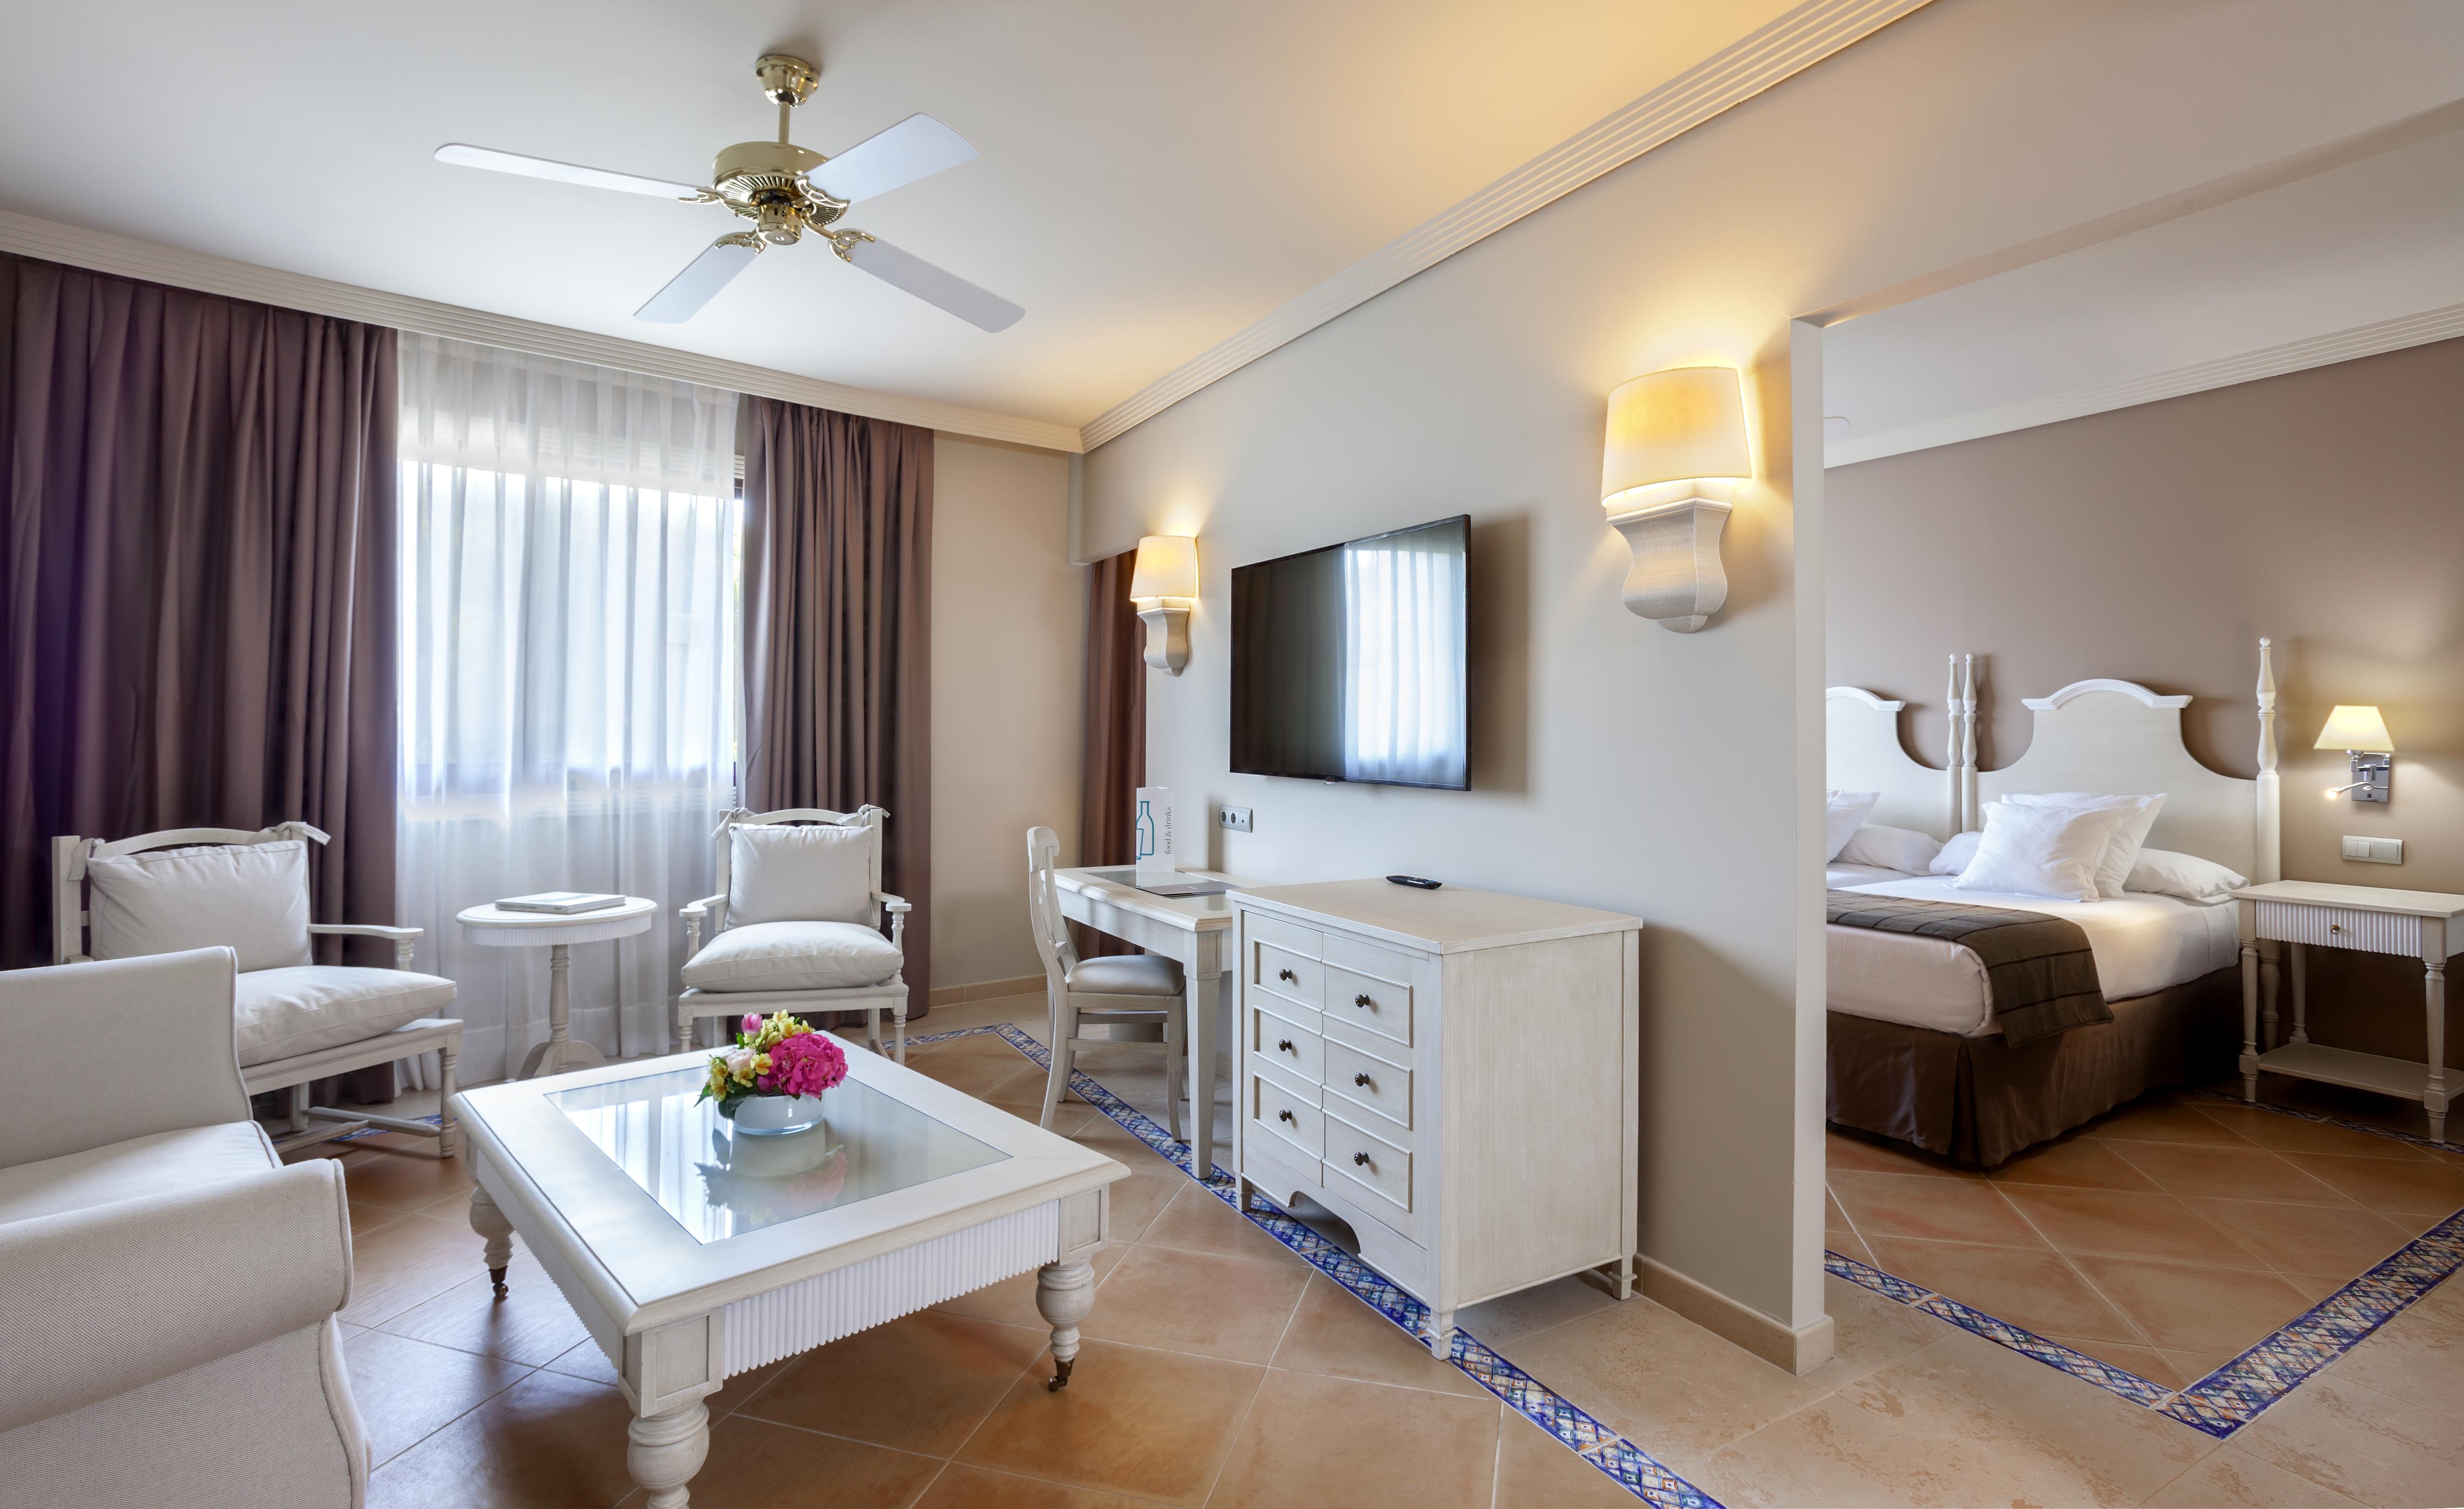 Barcel Marbella hotel en Marbella Viajes el Corte Ingl s